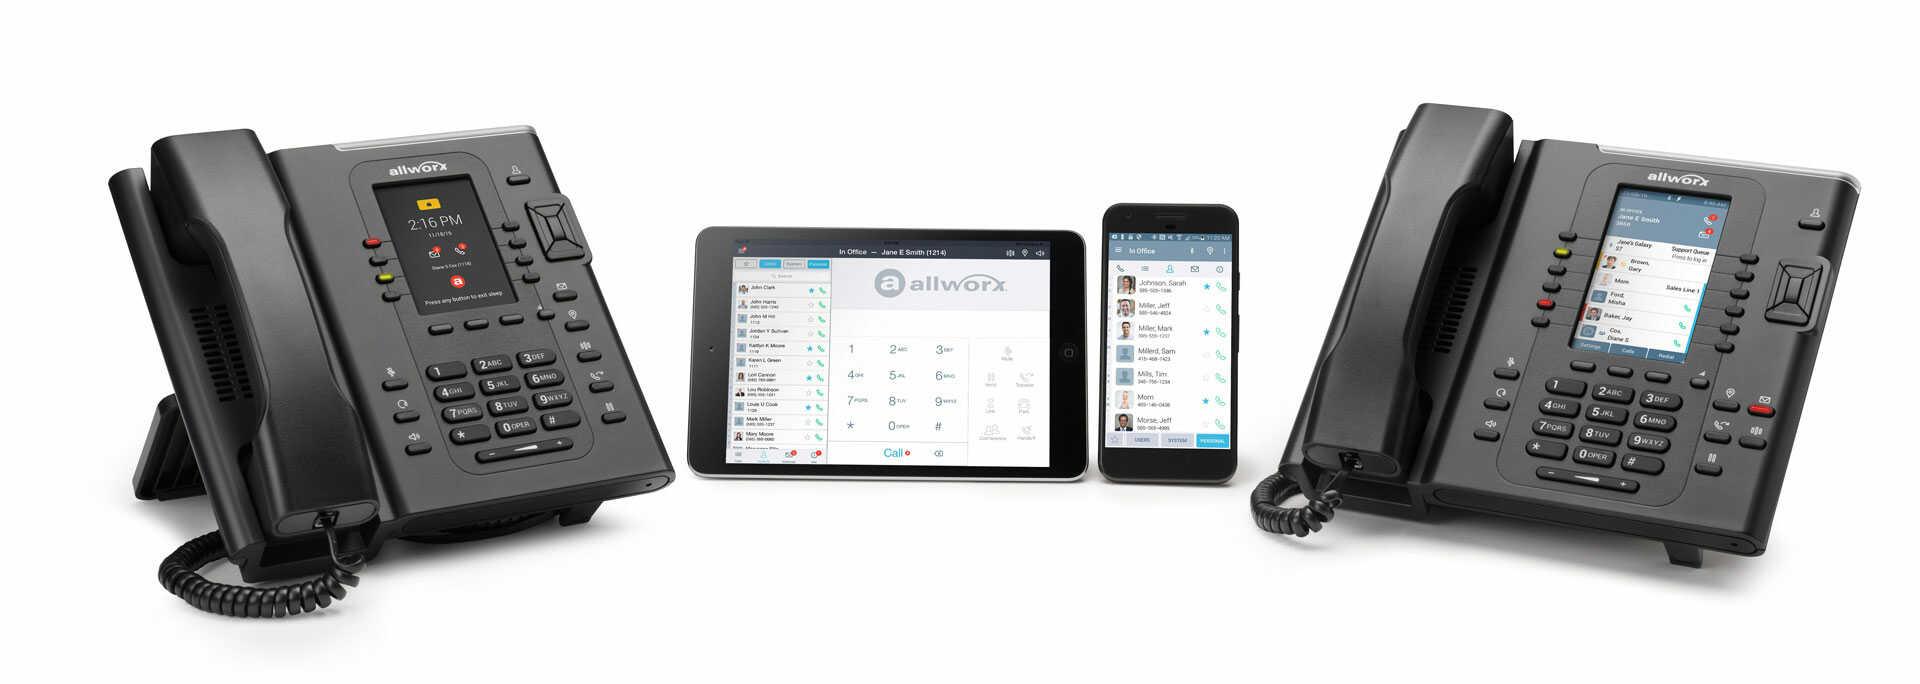 allworx-phones-new_optimized